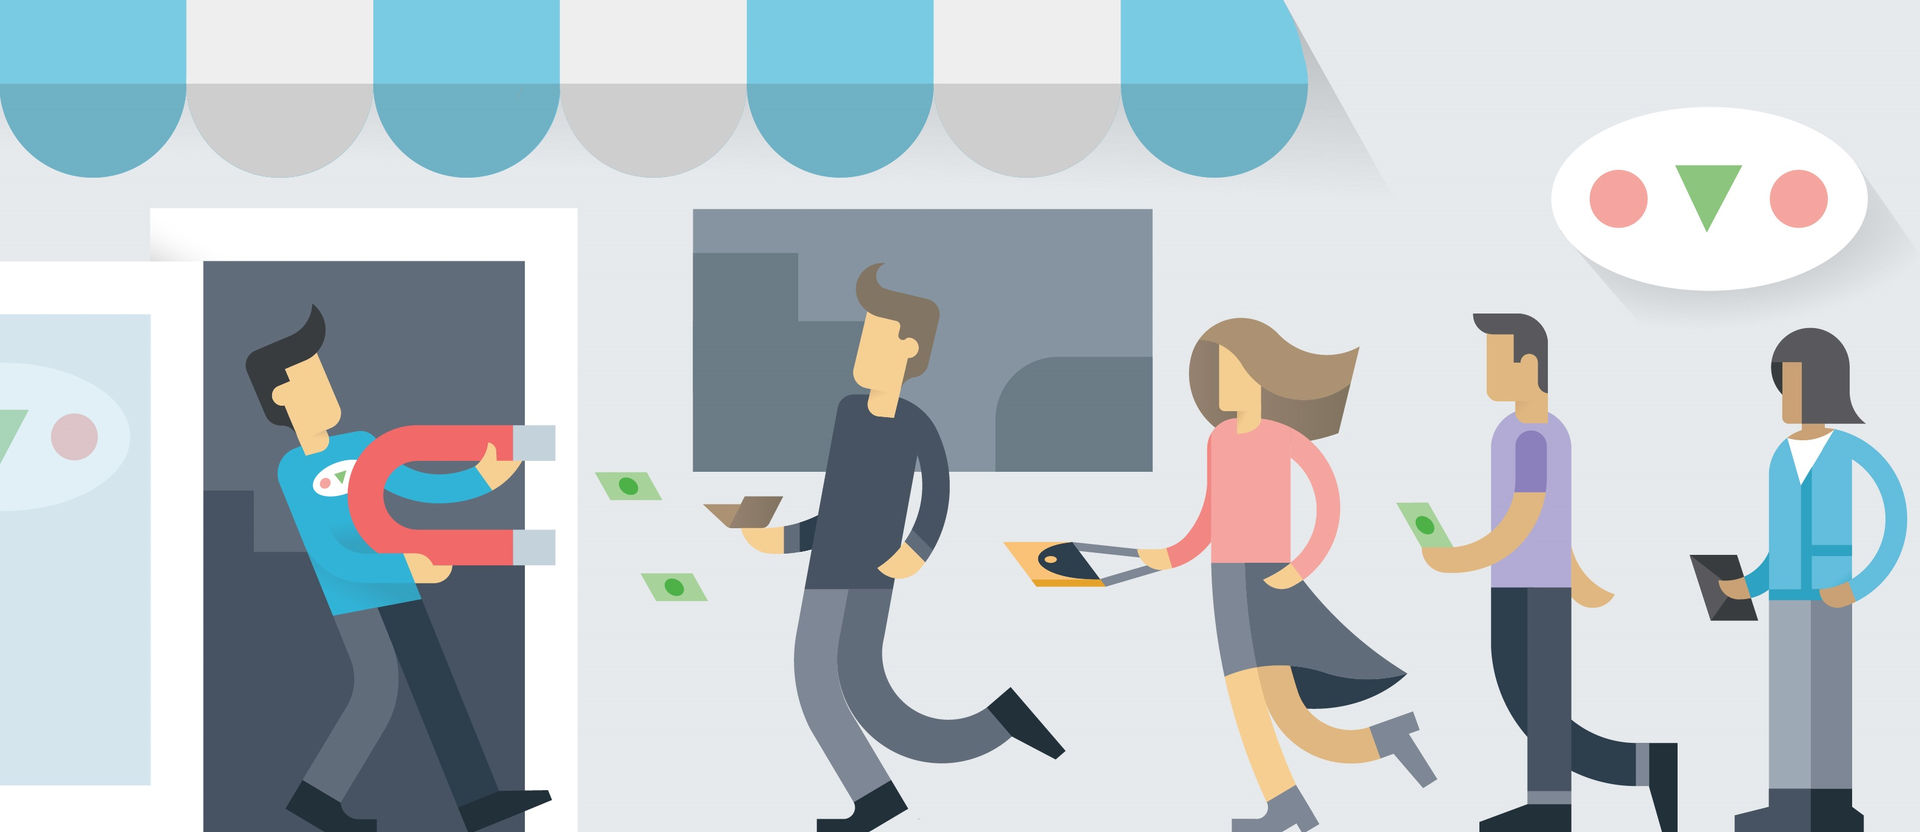 giai đoạn cần tiến hành inbound marketing là gì? Đó là thu hút khách hàng